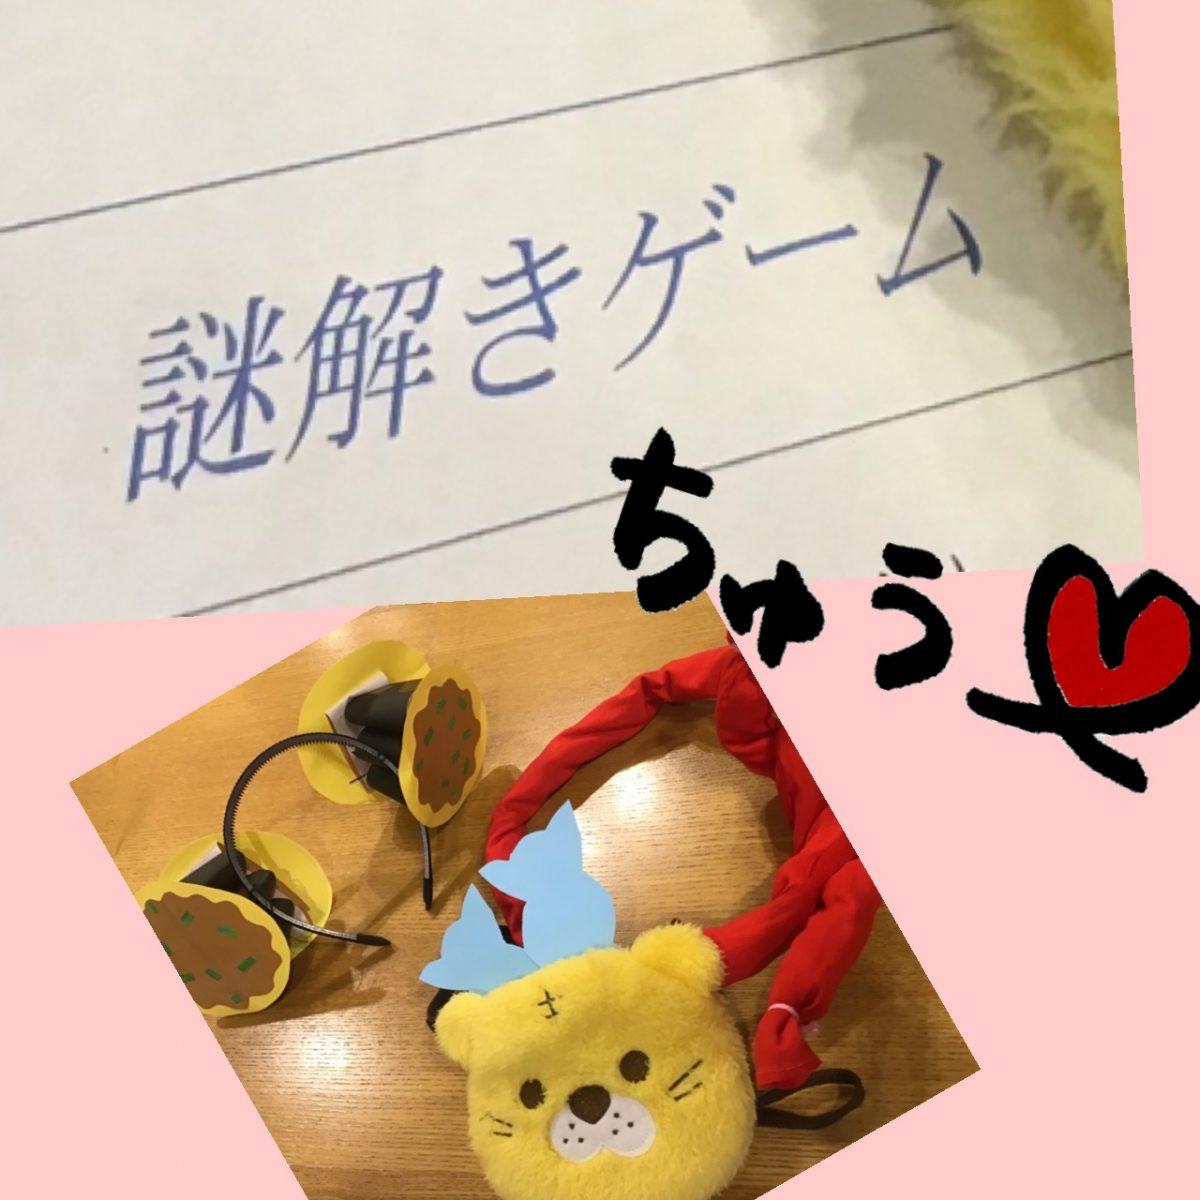 謎解きちゅ~(*^3^*)